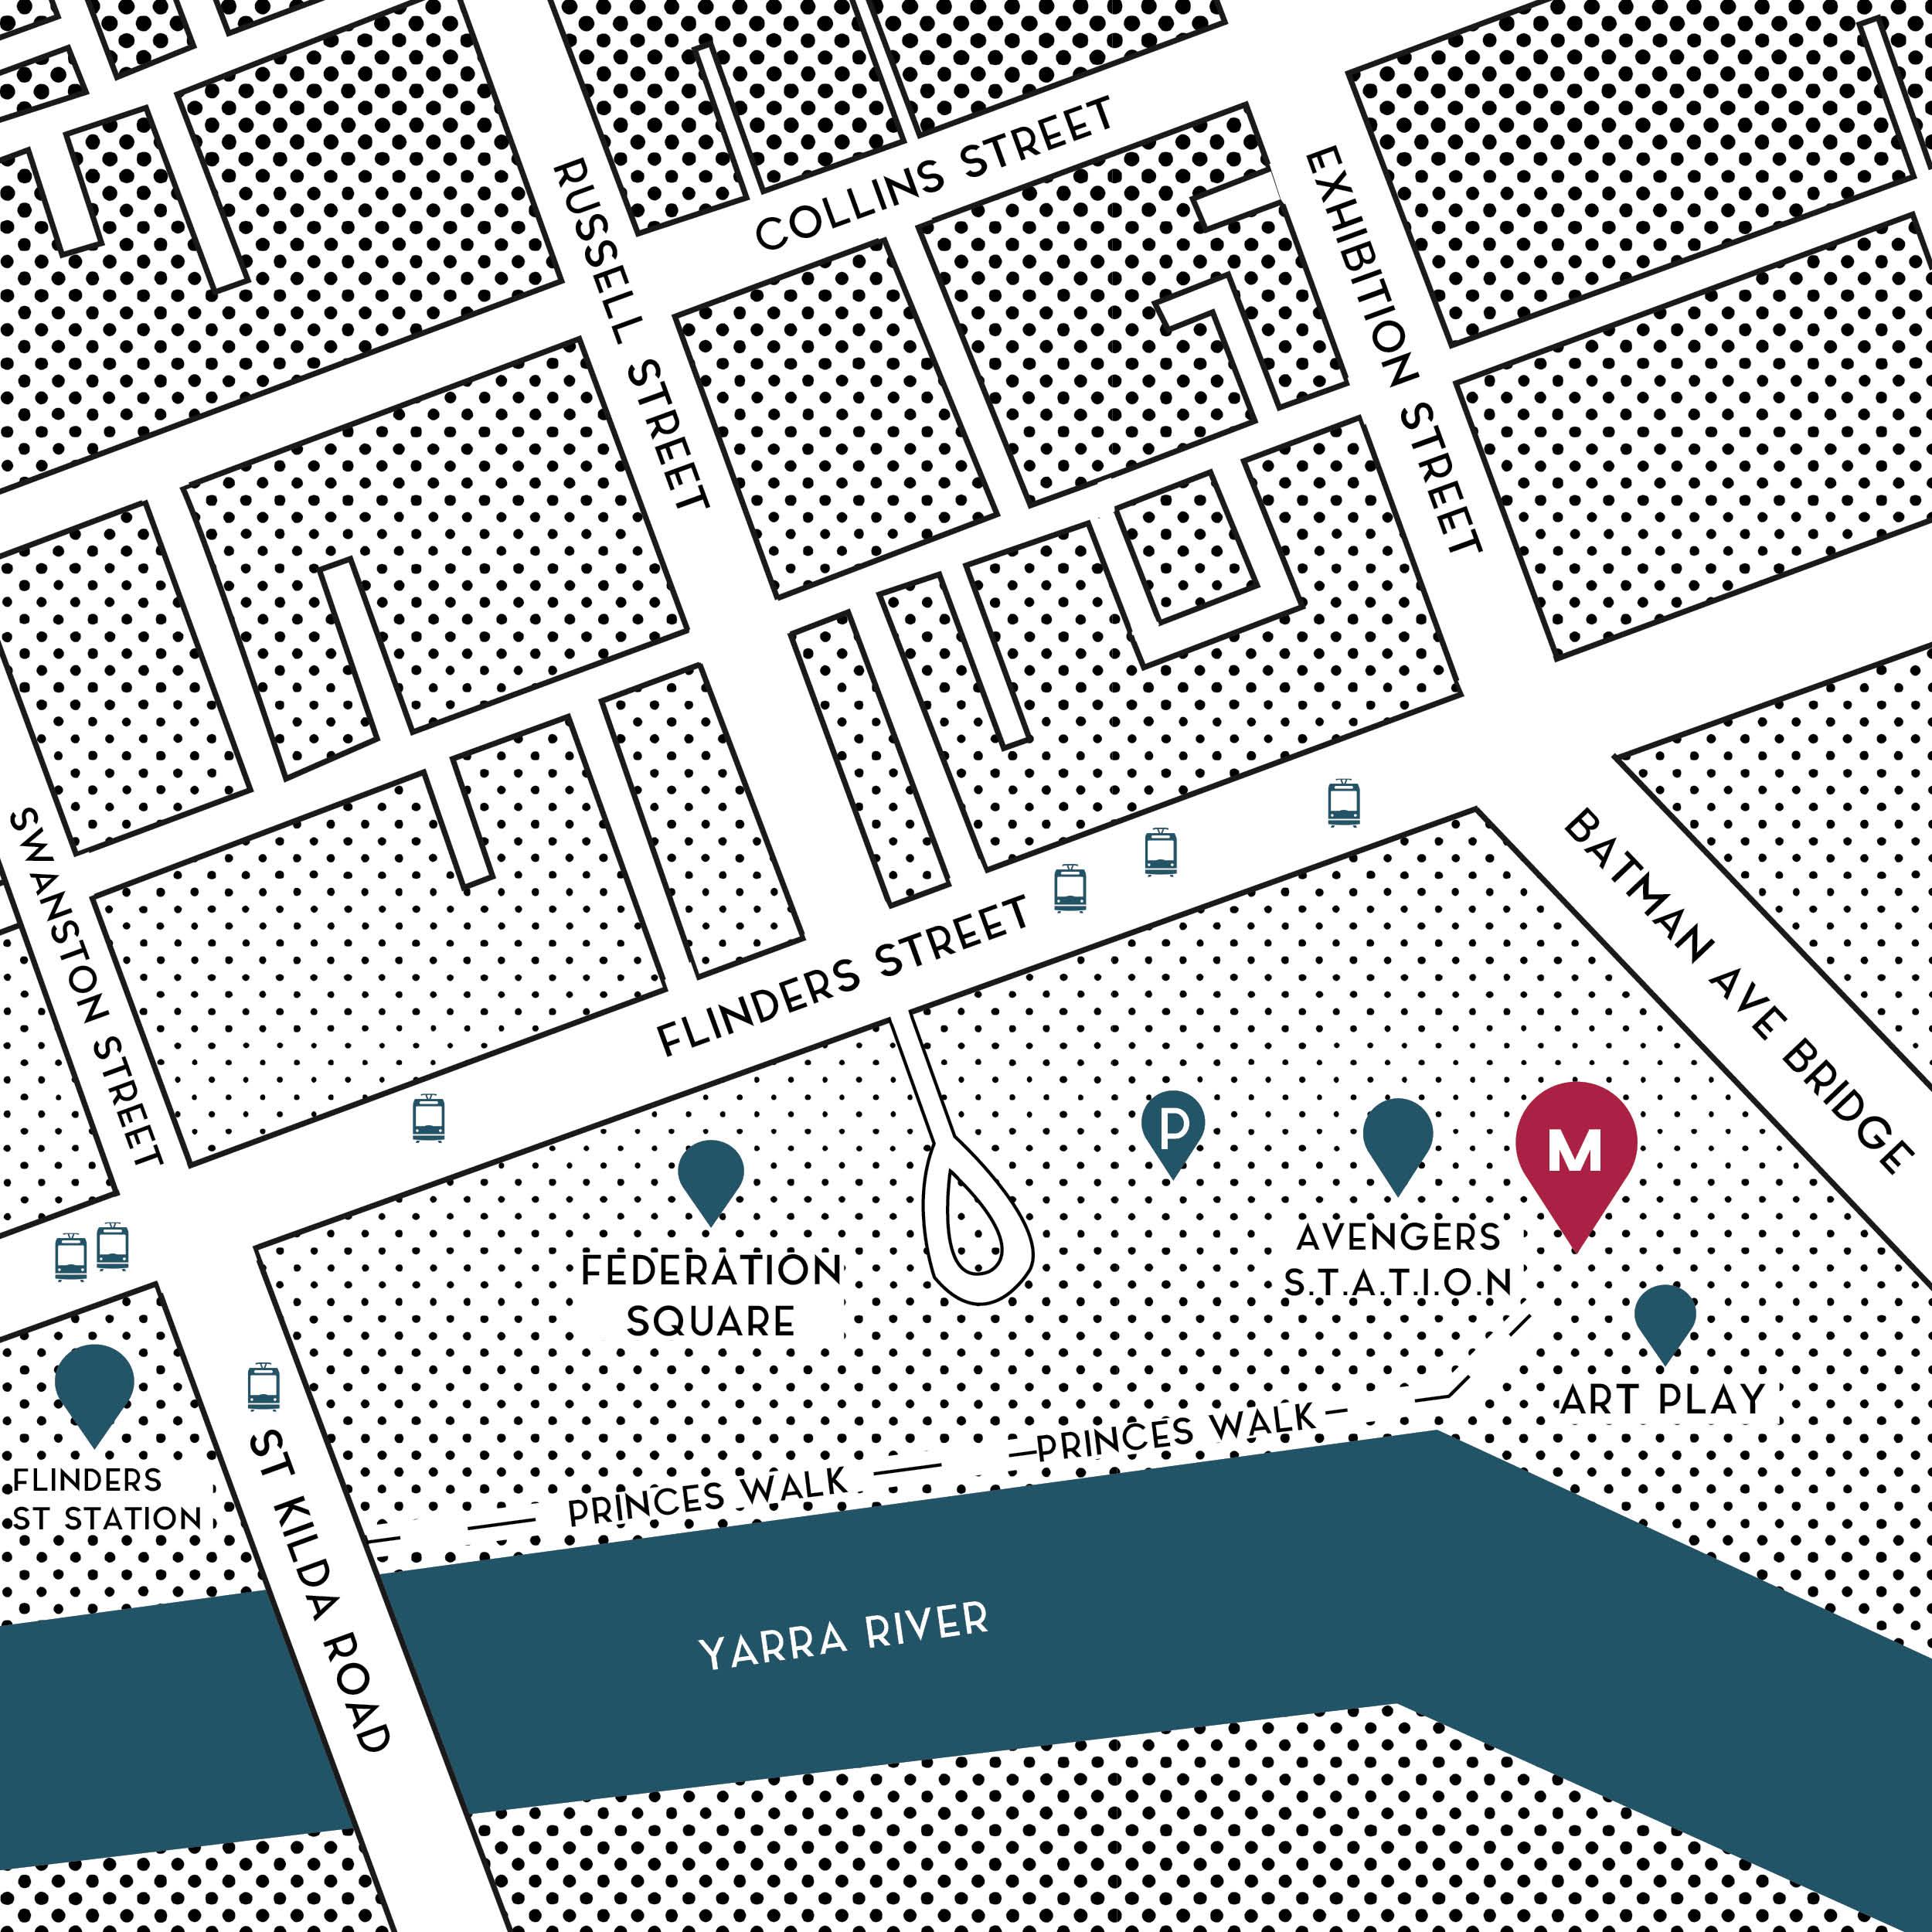 MIDTOWN-WEBSITE-ASSETS-MAP.jpg